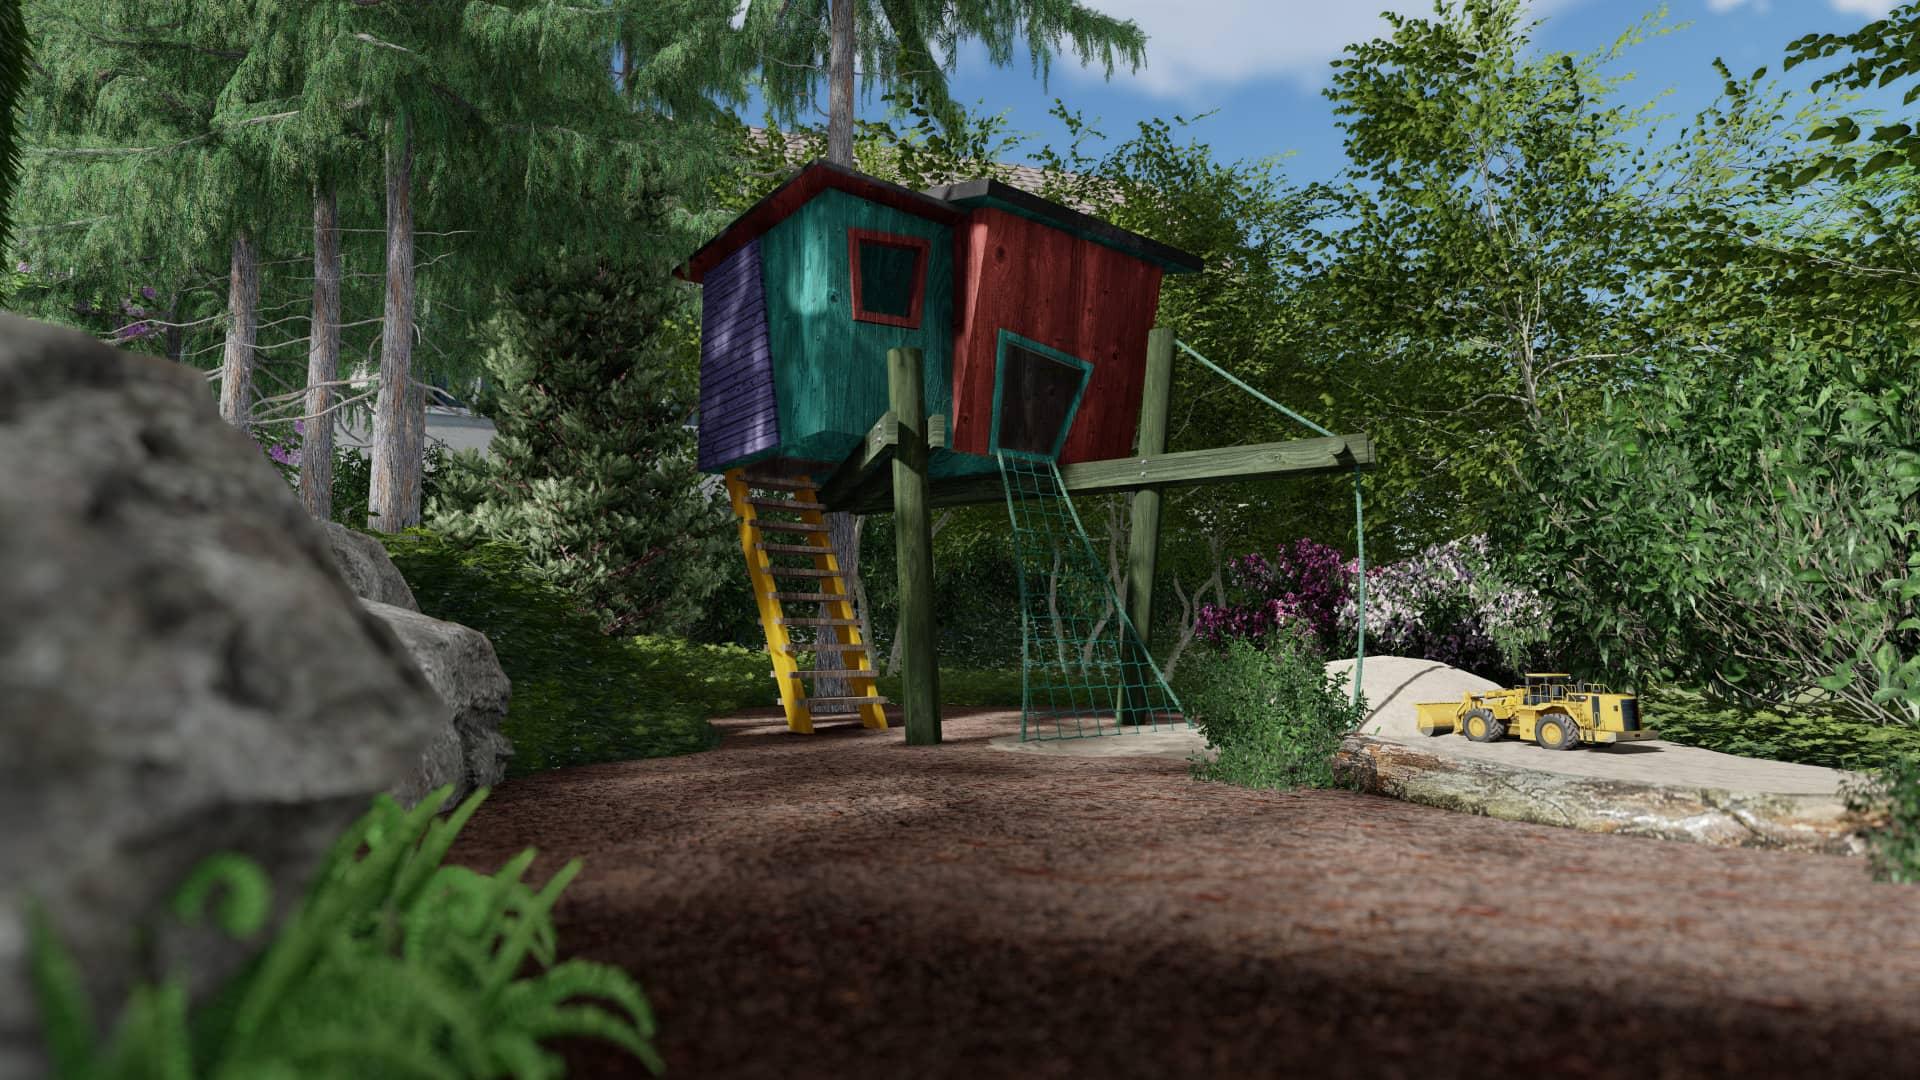 Spielplatz Baumhaus Wald